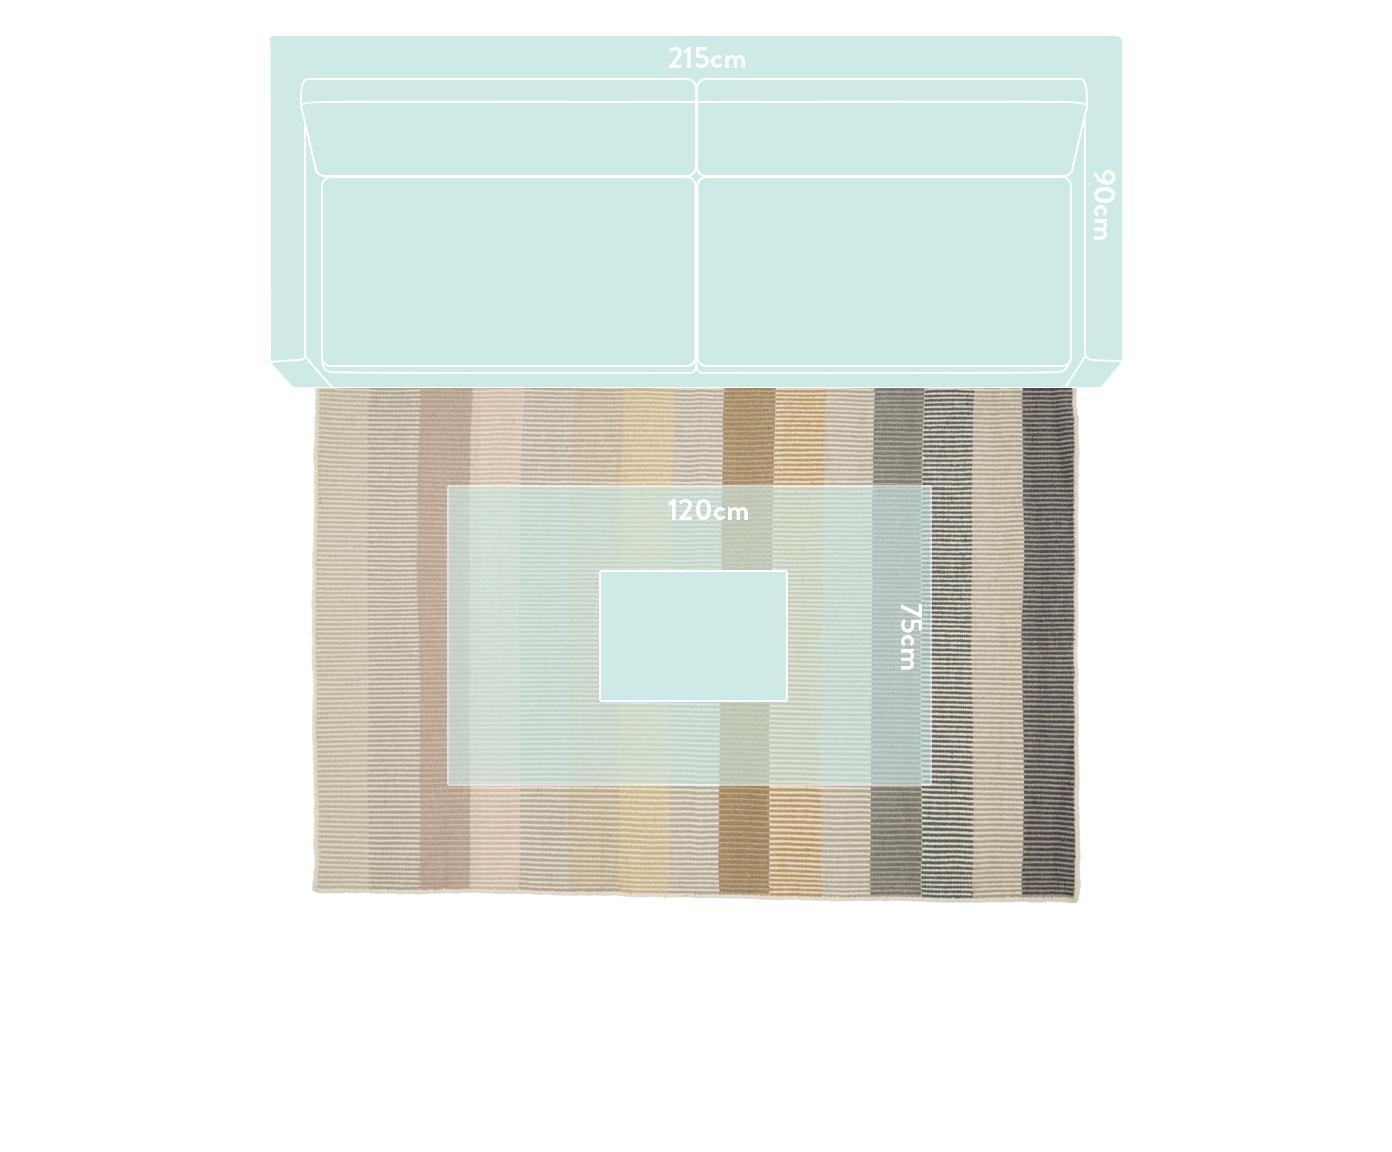 Gestreifter Kelimteppich Devise aus Wolle, handgewebt, Mehrfarbig, B 140 x L 200 cm (Grösse S)